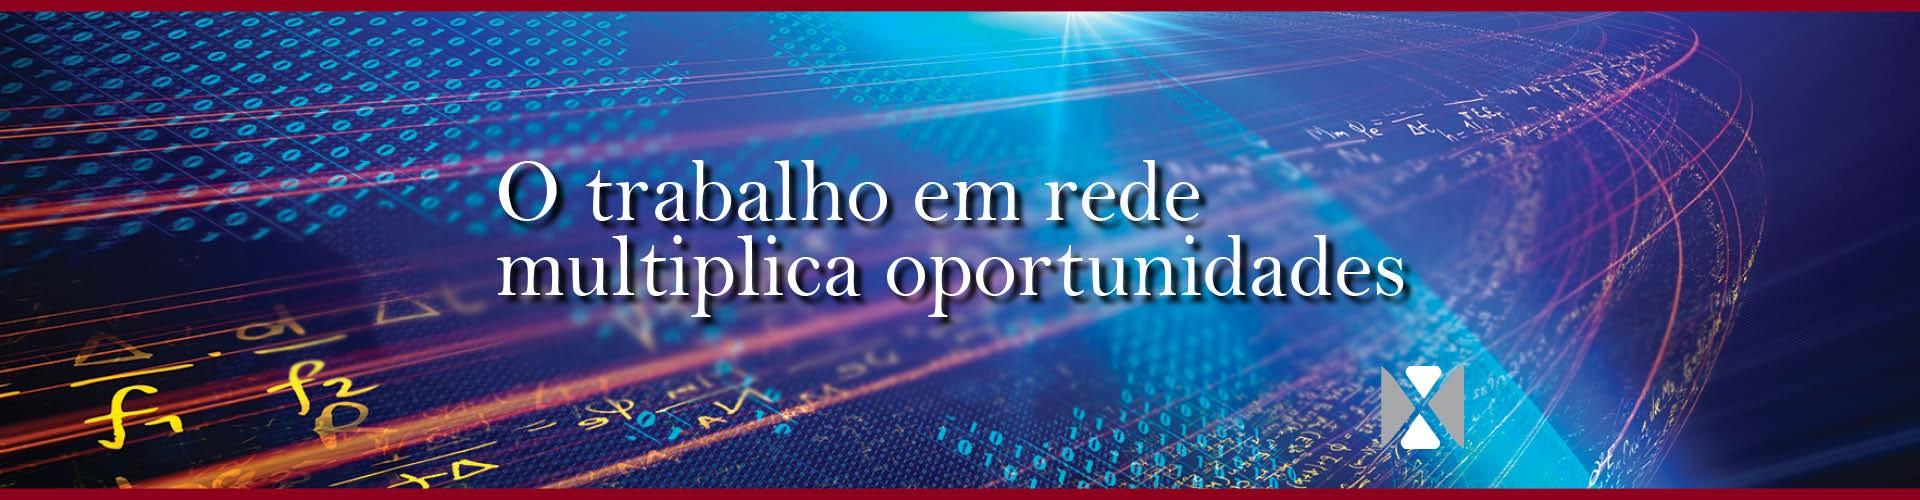 O trabalho em rede multiplica oportunidades